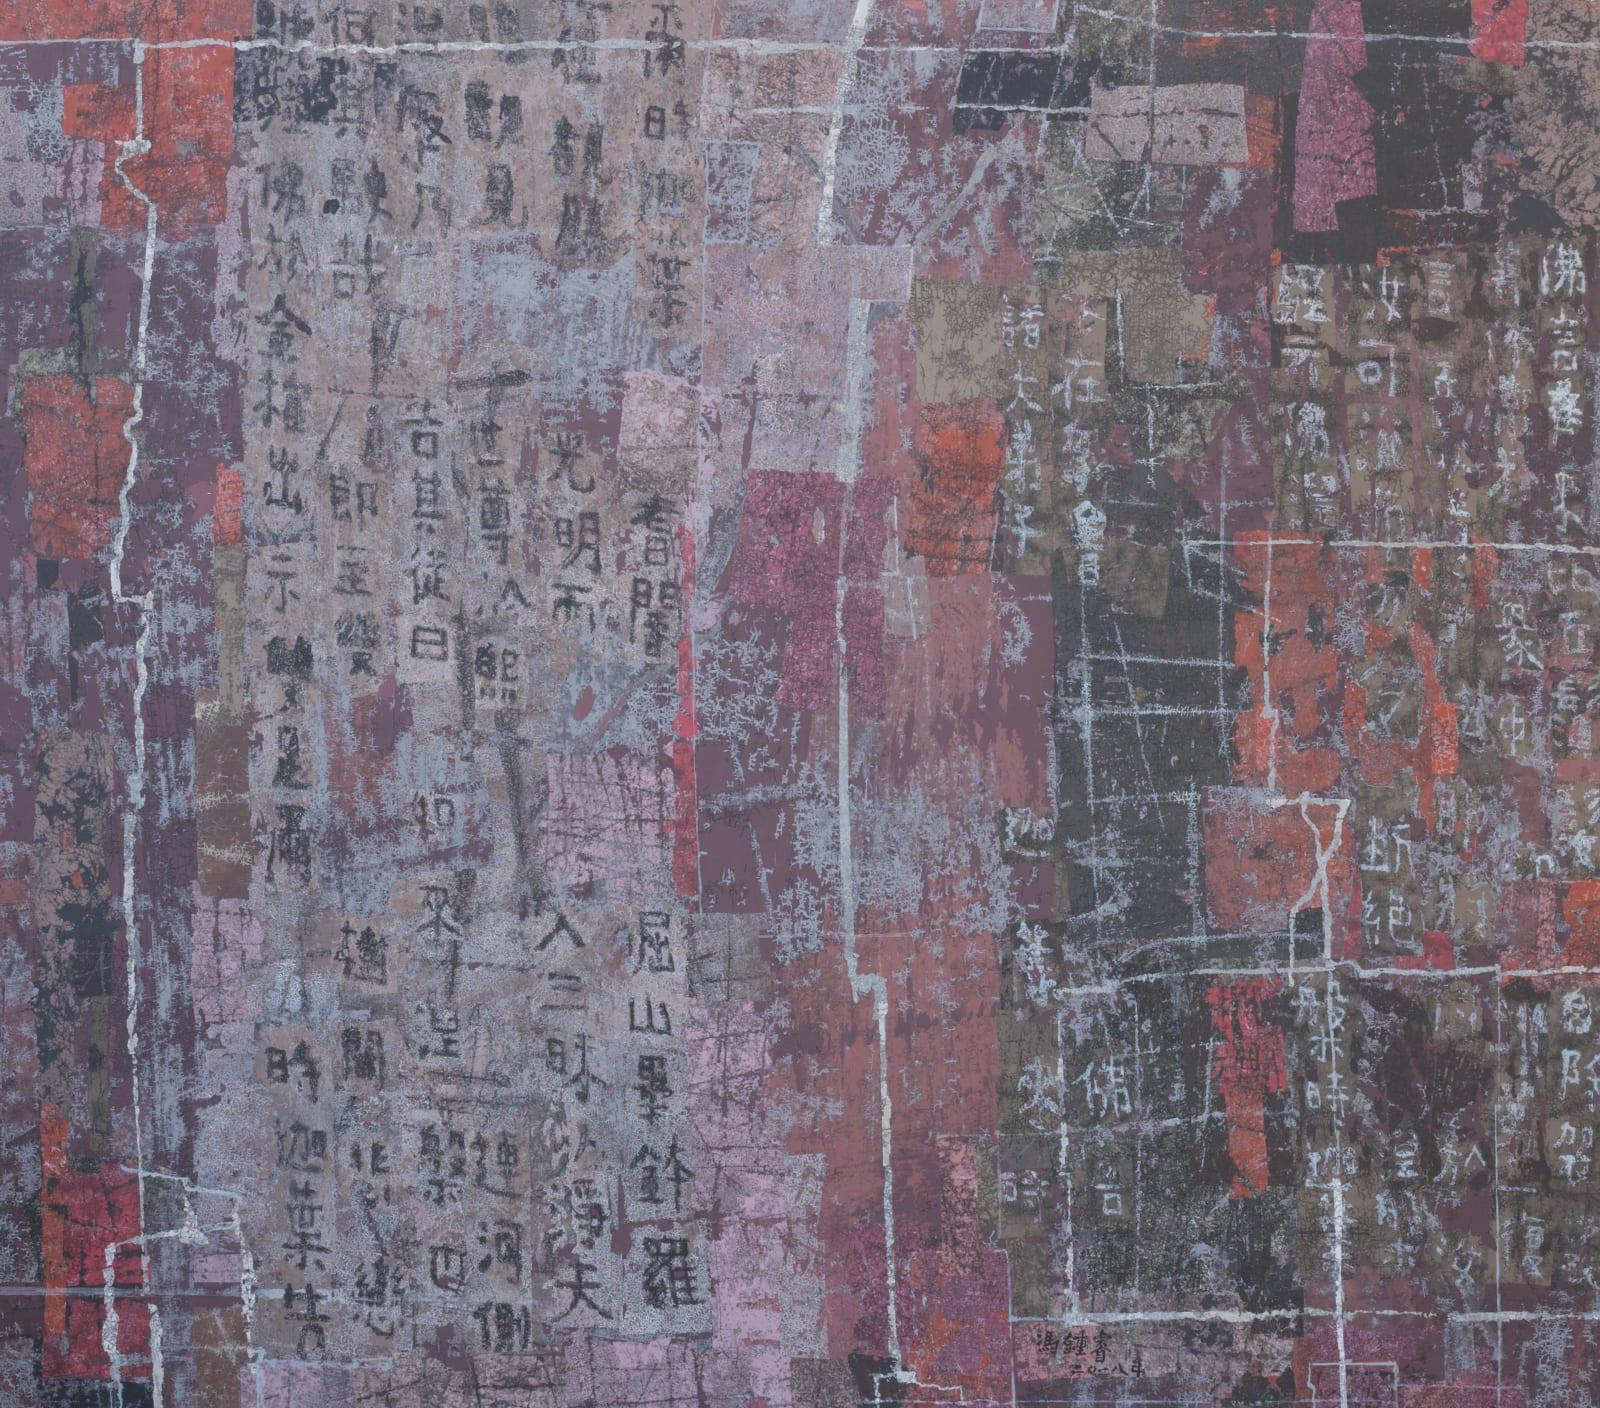 Fong Chung-Ray 馮鍾睿, 2018-11-30, 2018